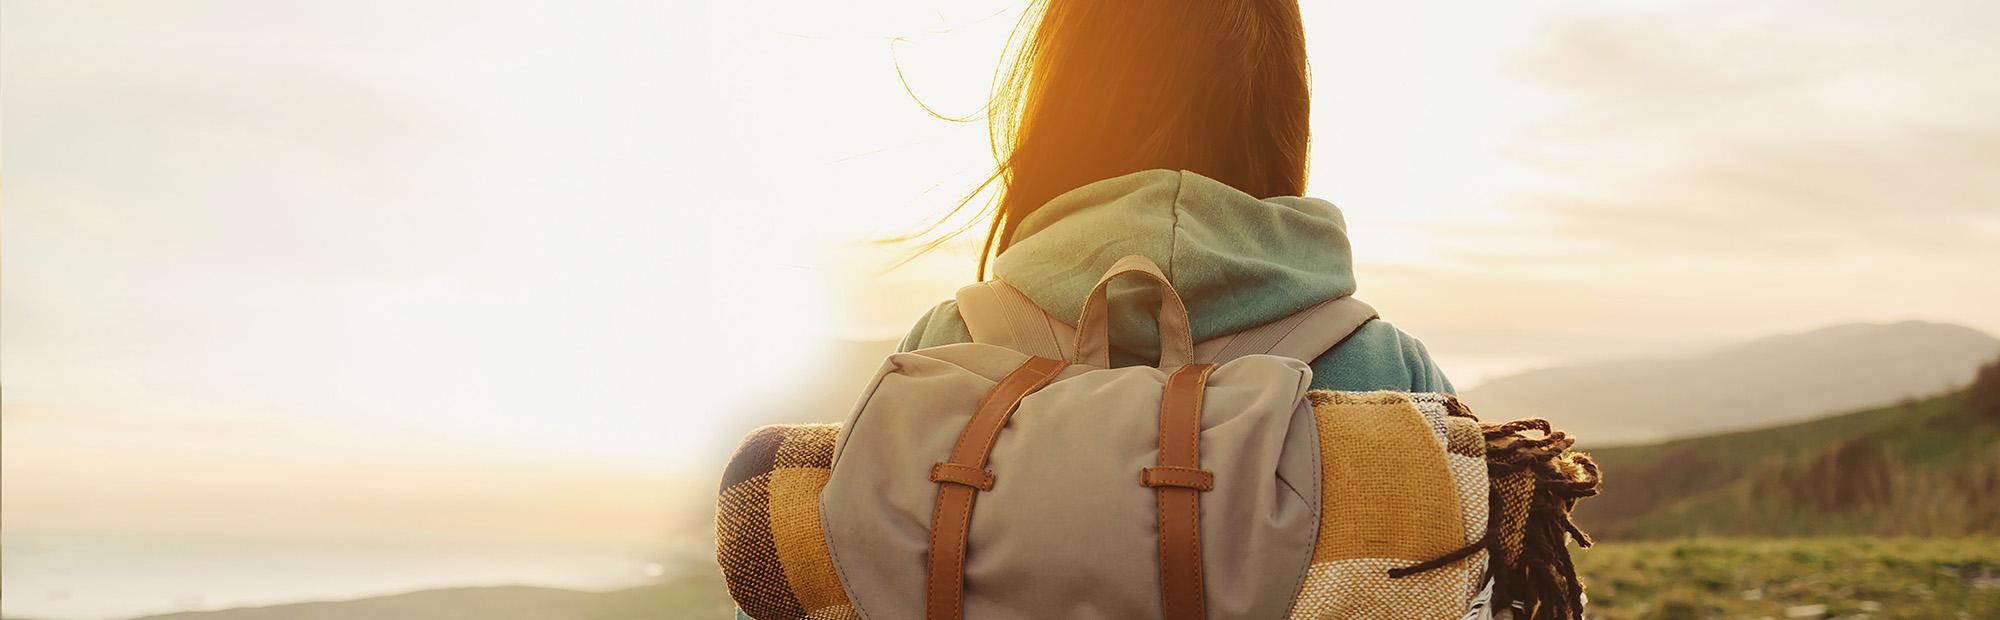 Zu sehen ist der Oberkörper einer Frau von hinten. Sie hat einen Rucksack auf und blickt in die Ferne. Die Sonne scheint ihr entgegen.